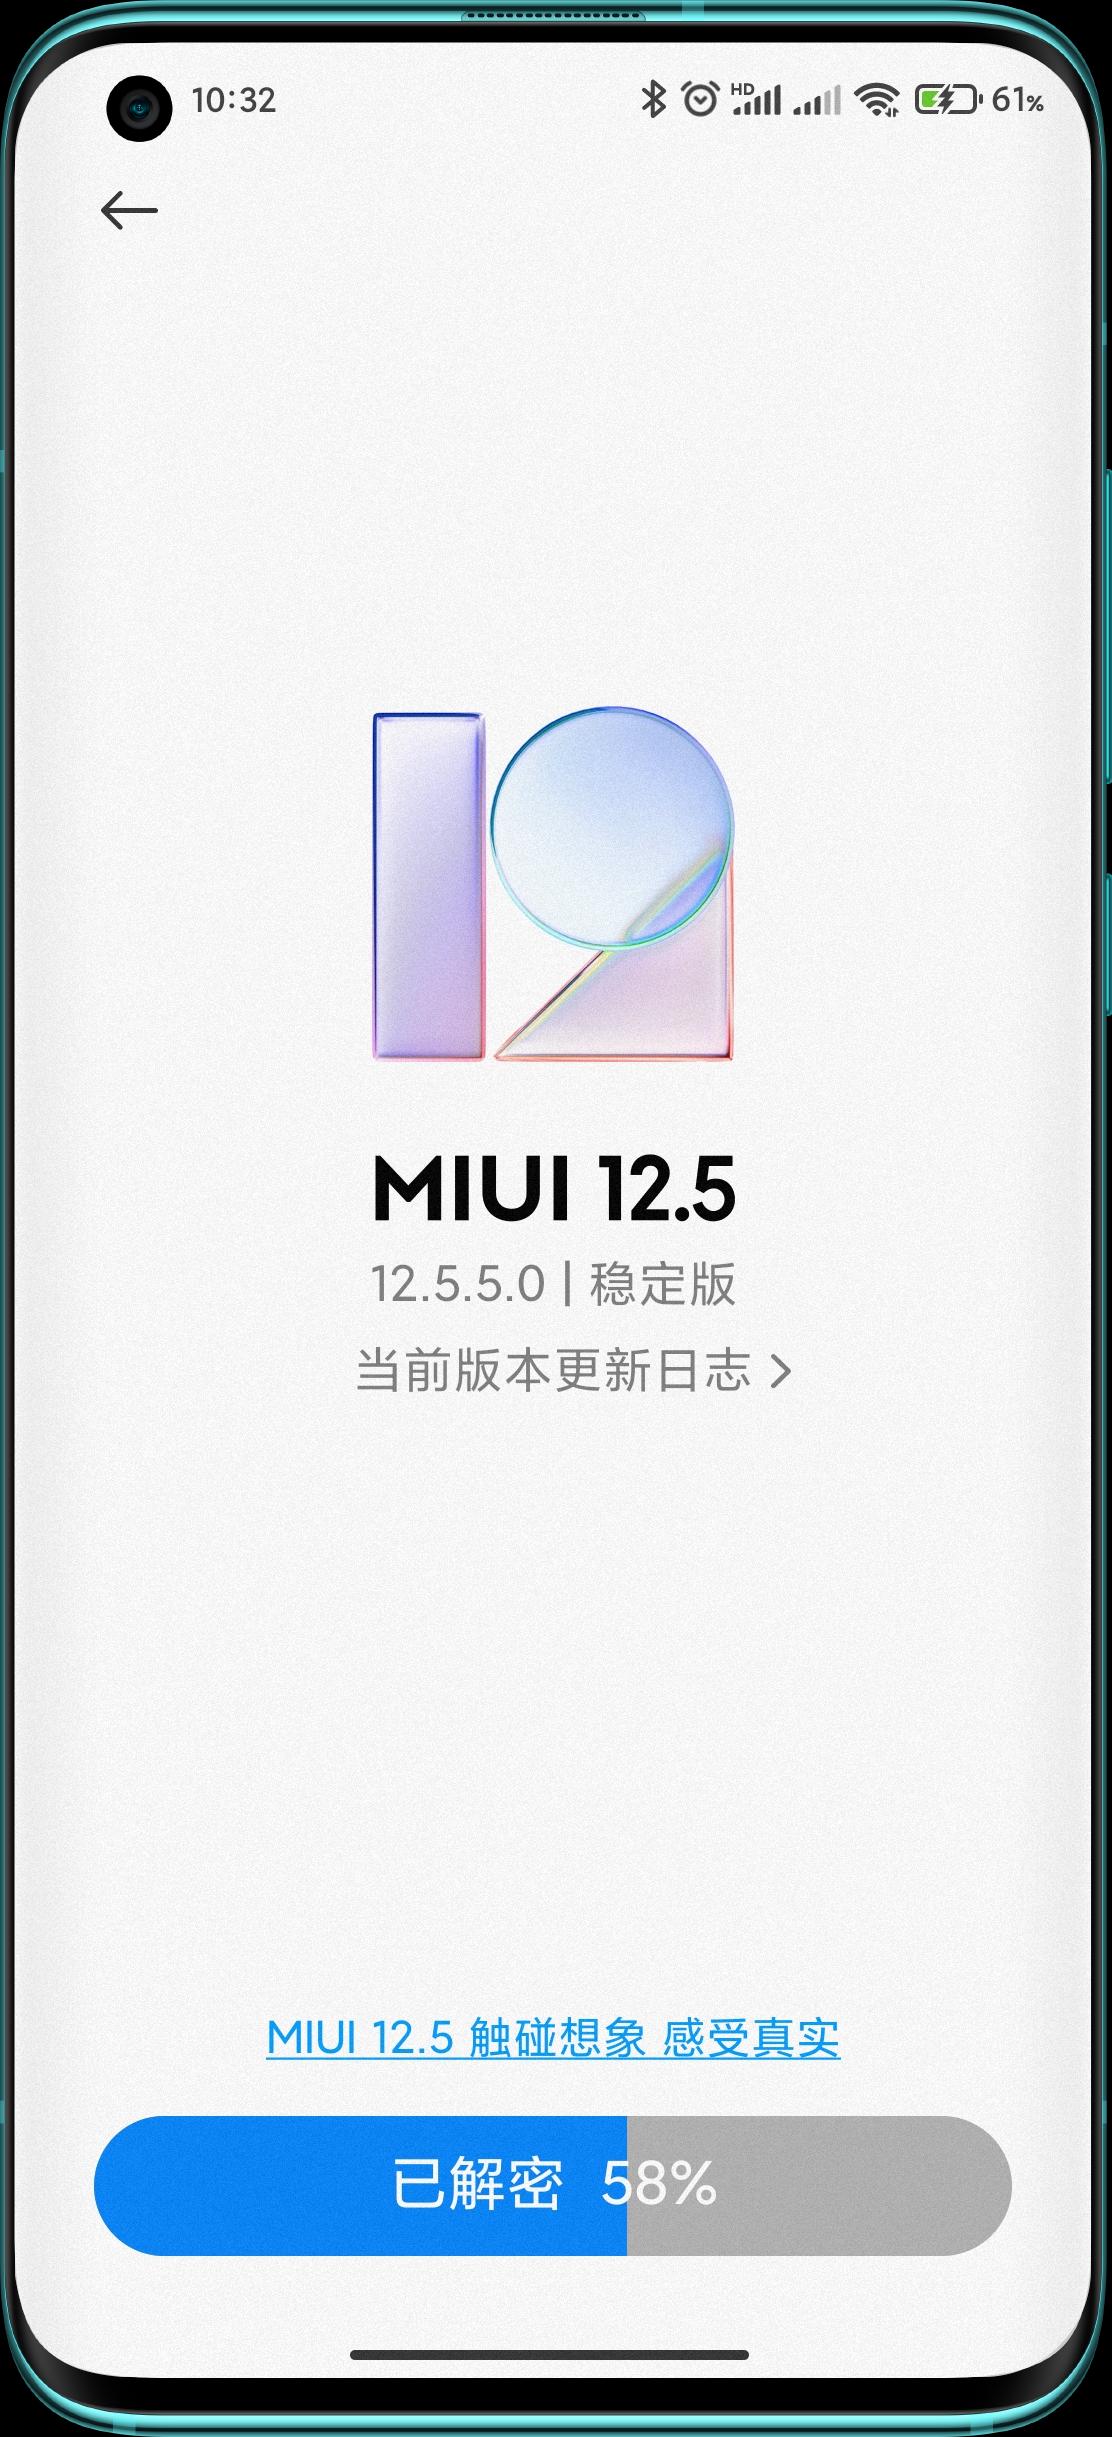 MIUI 12.5 增强版 手动更新教程(以小米10手机为例) - 786b749ac4e244ffa1dfd15b0bdb741d